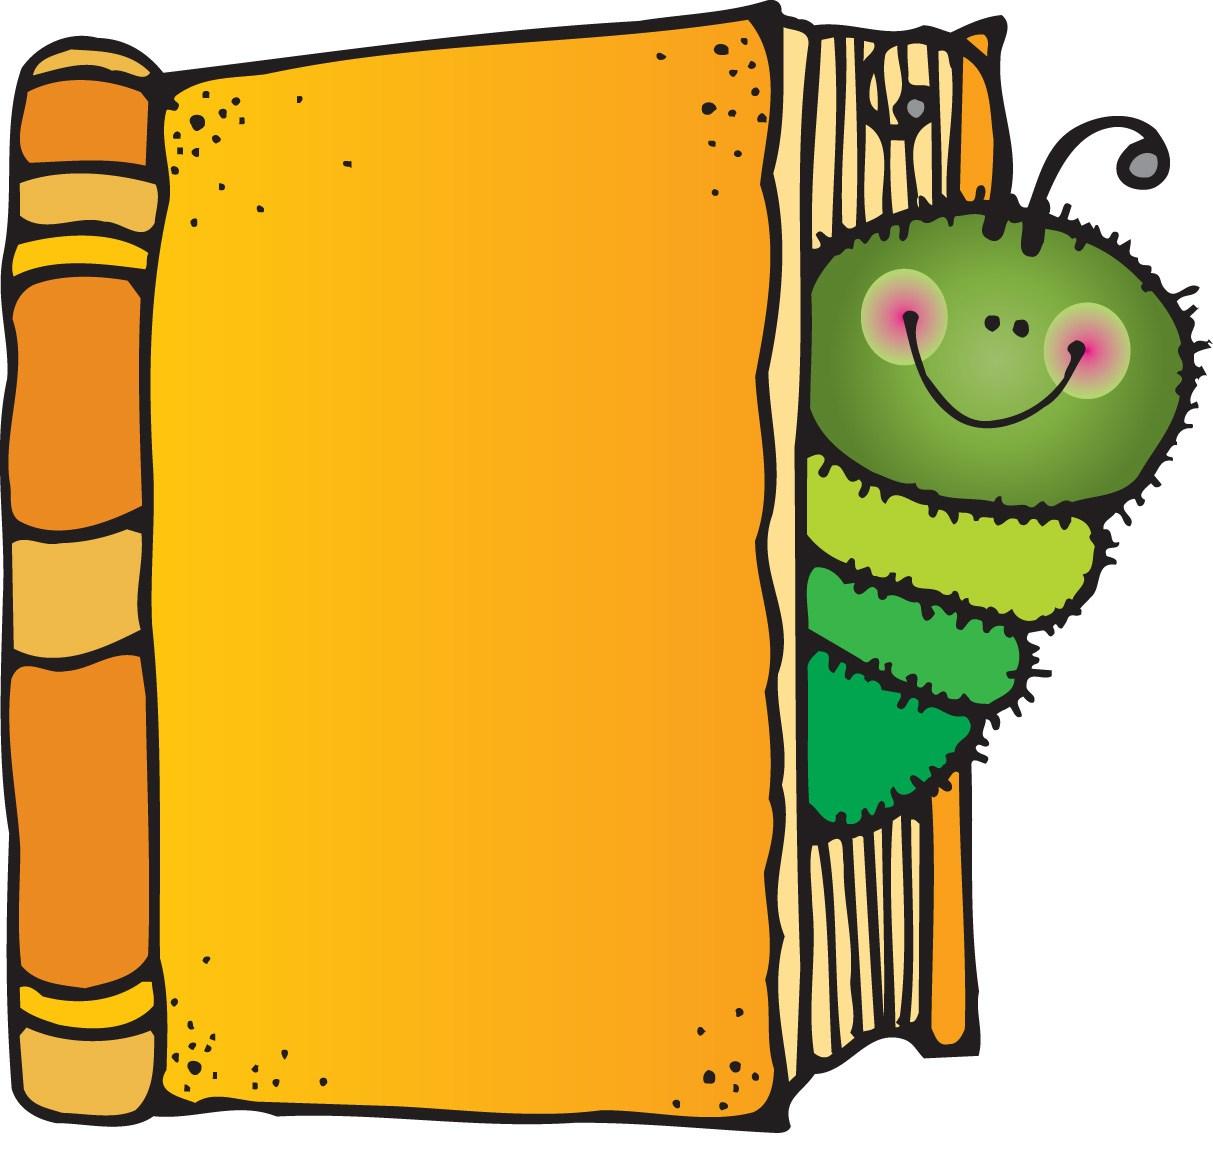 Book order clipart 3 » Clipart Portal.